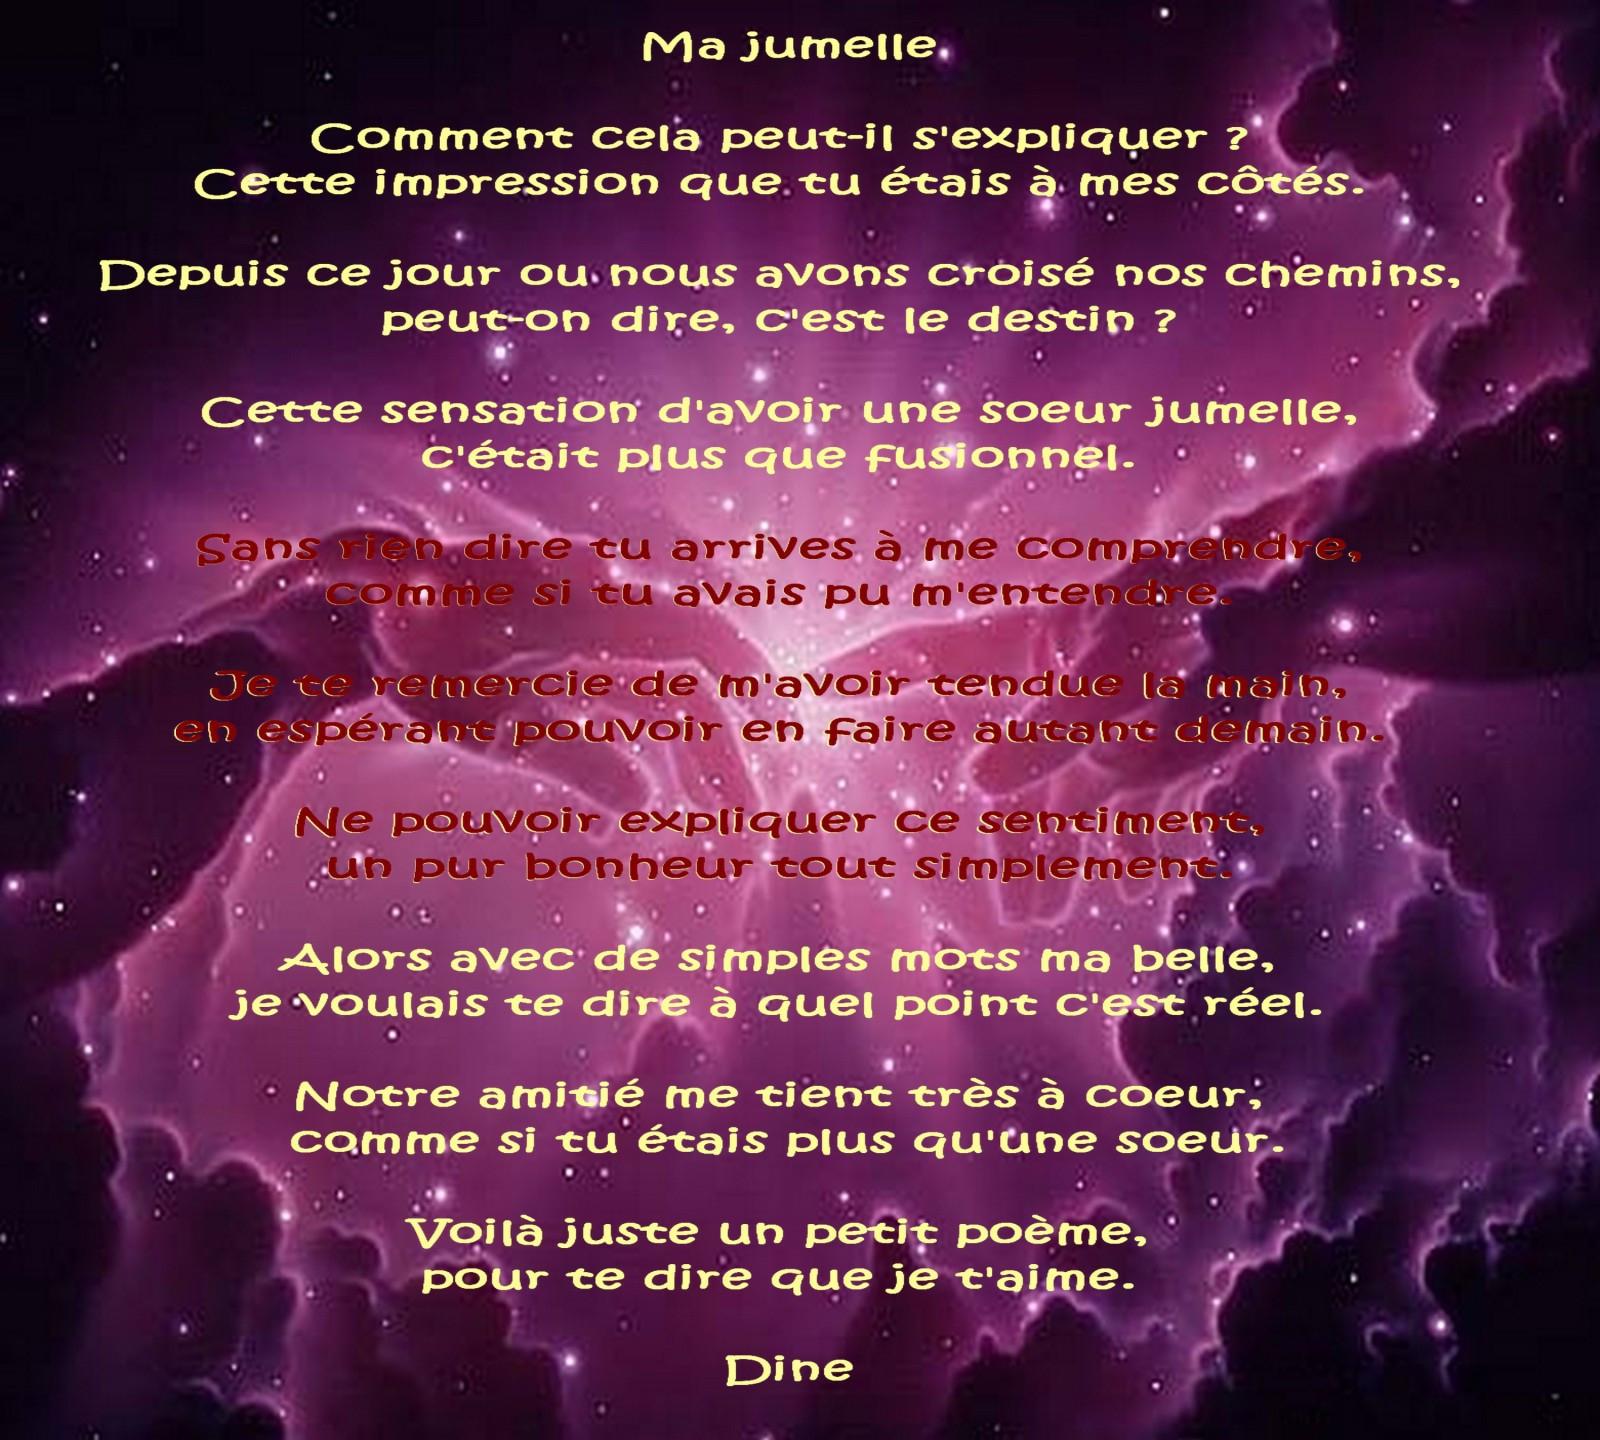 Poeme D'Anniversaire A Ma Grande Soeur New Poeme D concernant Poeme Pour Ma Mere